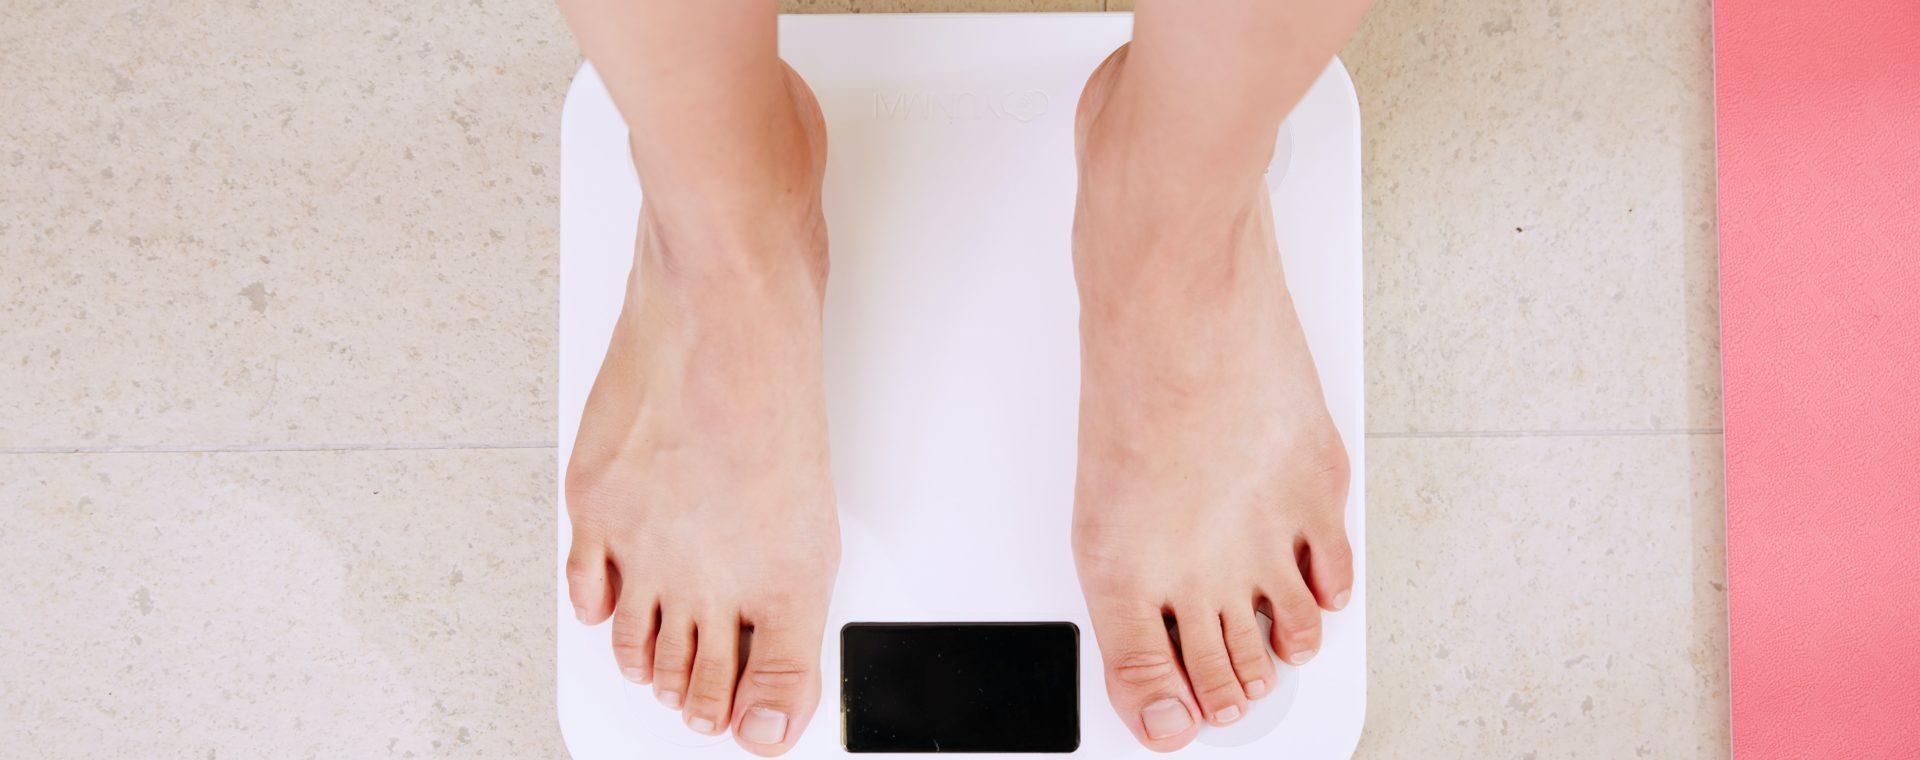 kilos émotionnels: s'en libérer et perdre du poids sans régime